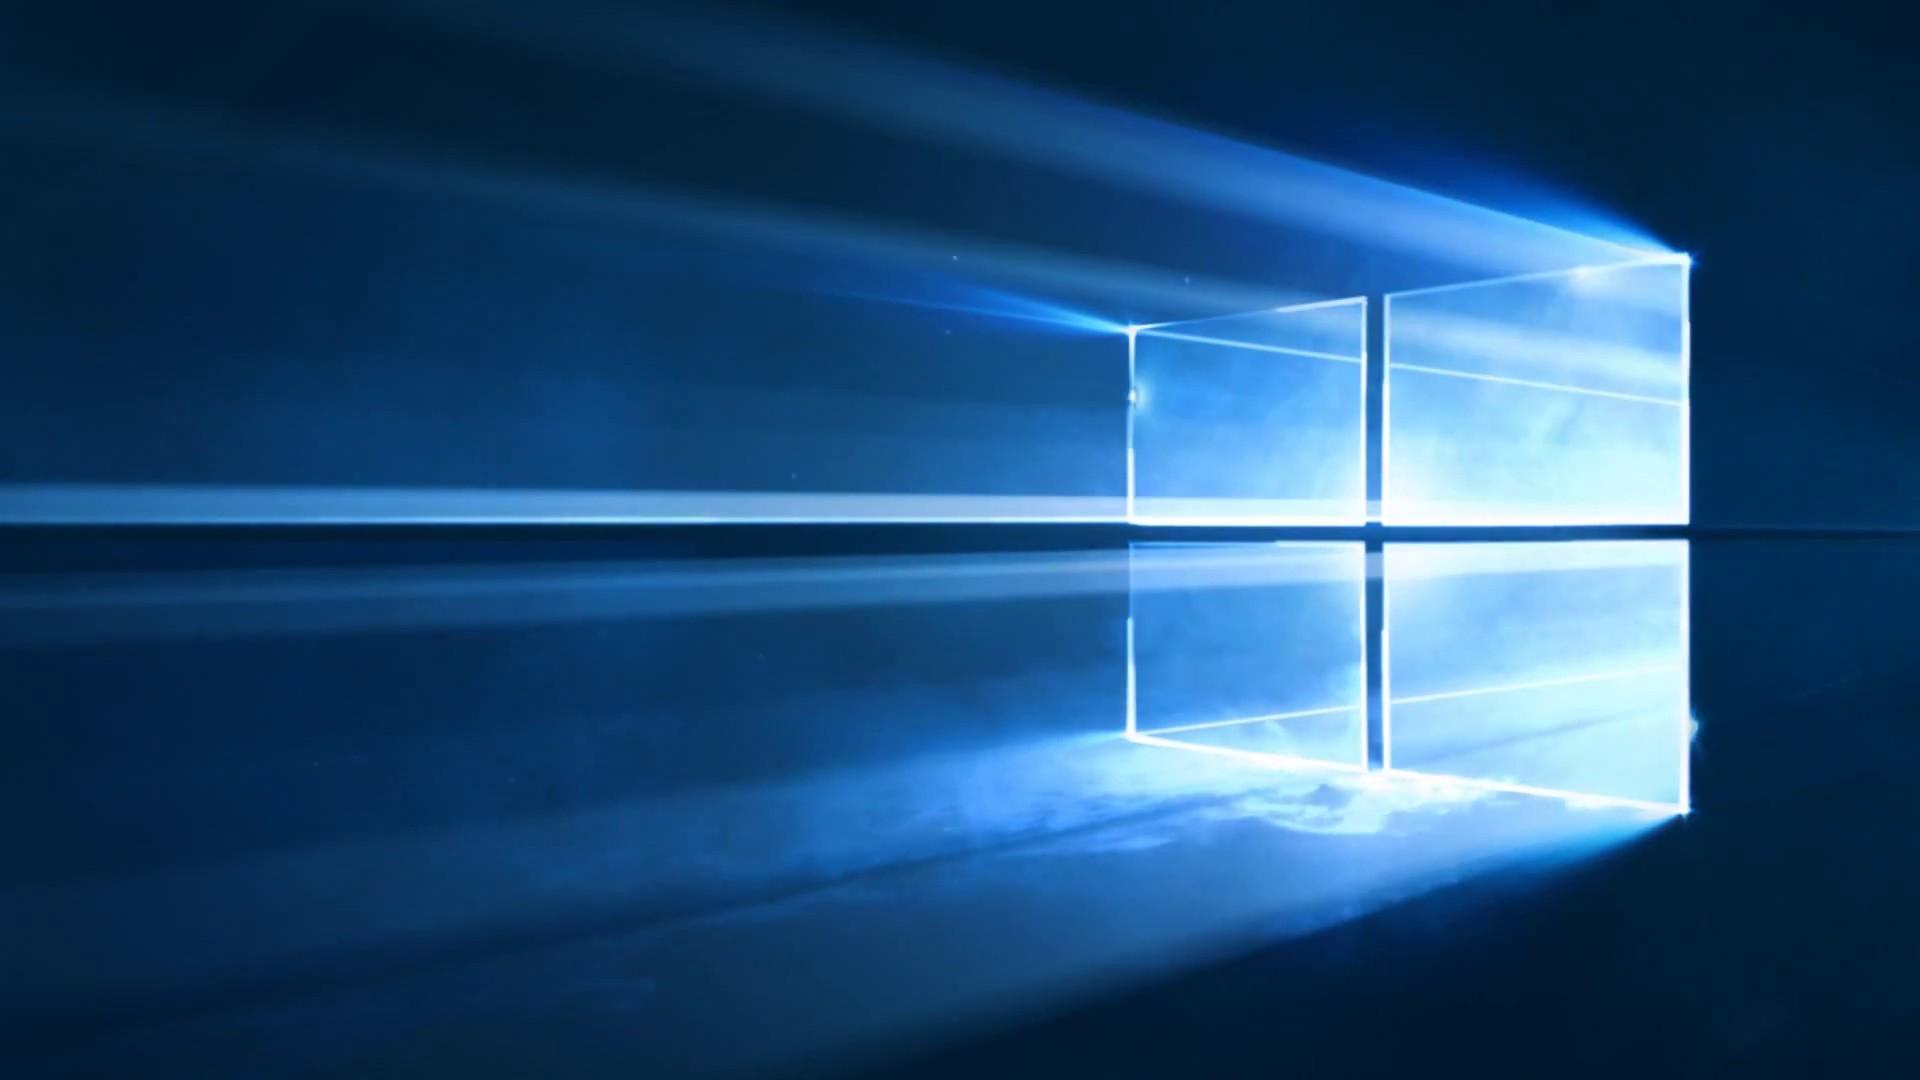 Windows 10 Hero image default wallpaper